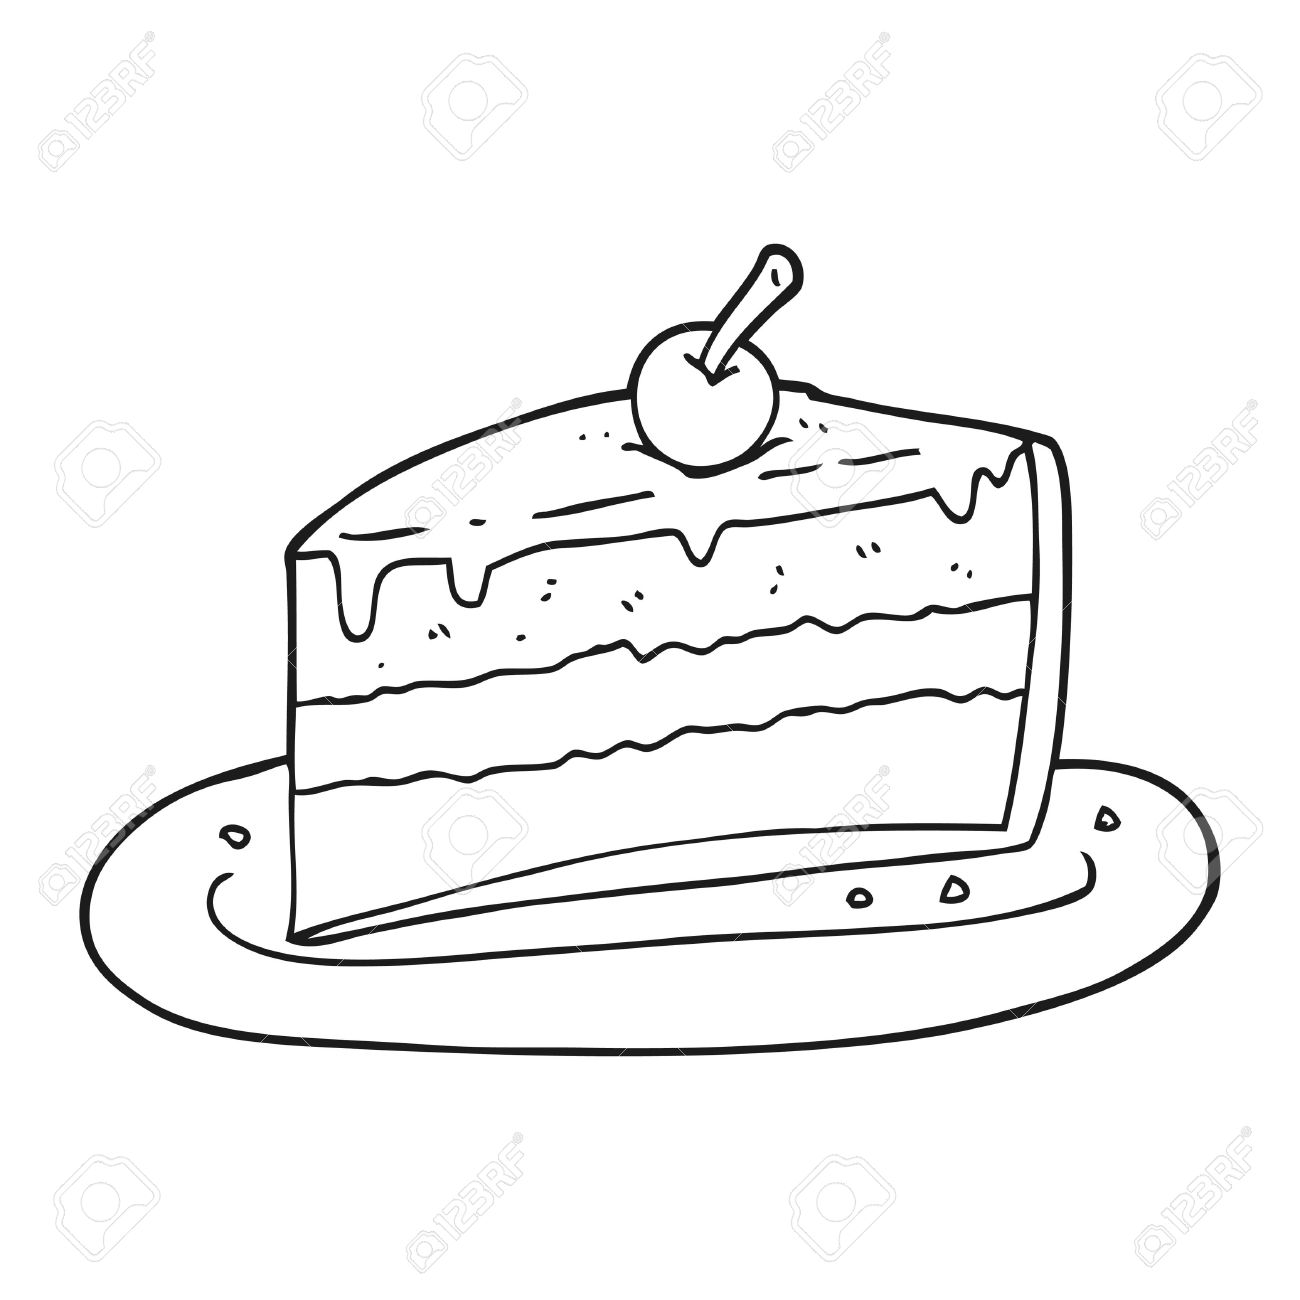 Freihändig Gezeichnet Schwarz Und Weiß Cartoon Stück Kuchen ...